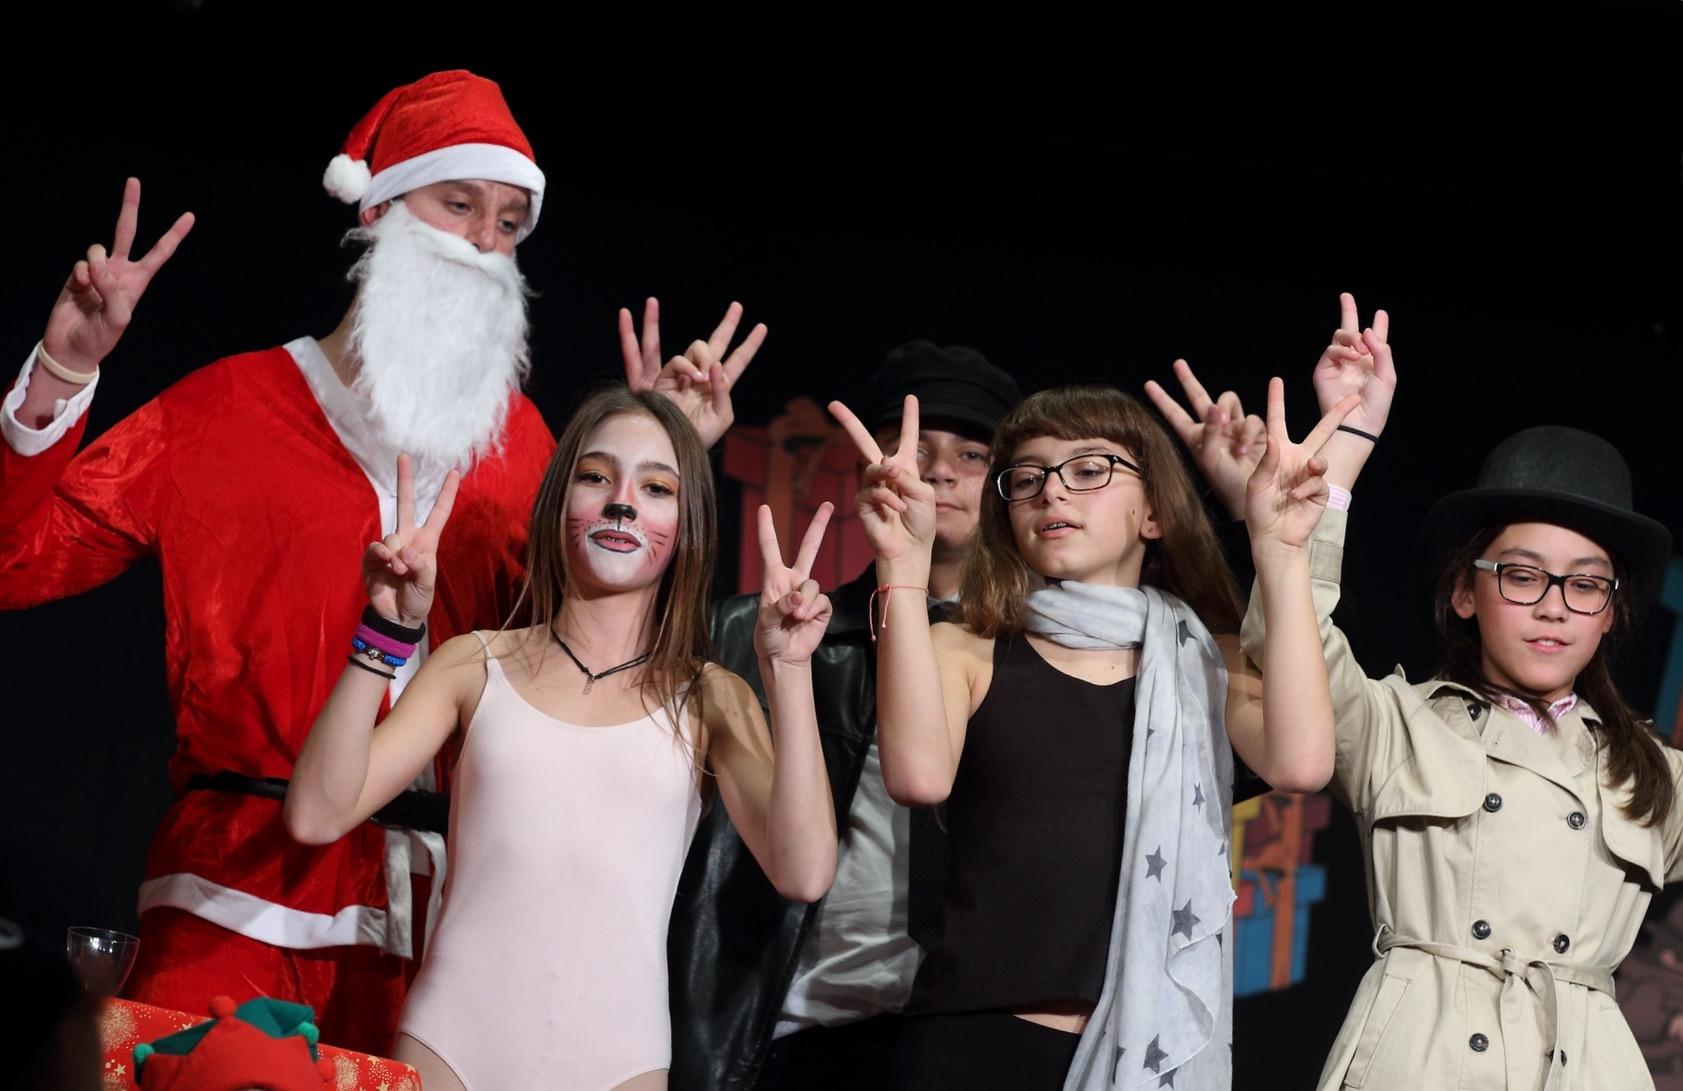 Χριστουγεννιάτικη γιορτή 2016